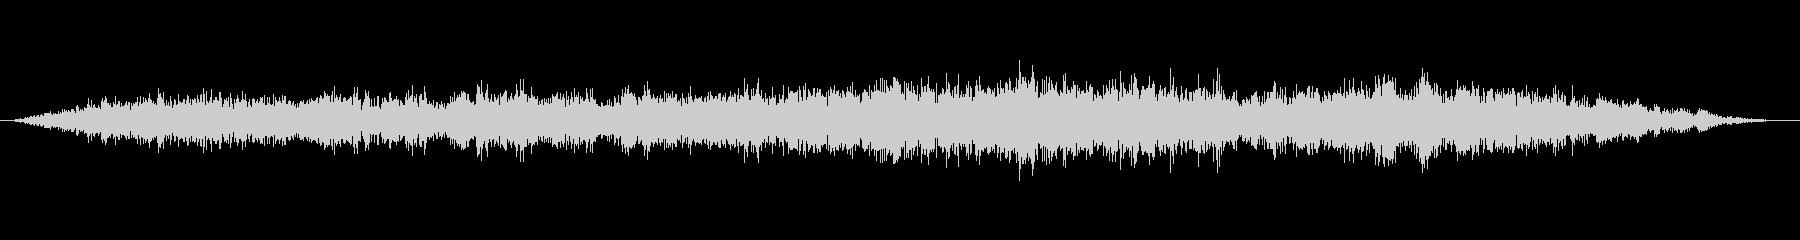 ダークなアンビエント ドローン30秒版の未再生の波形